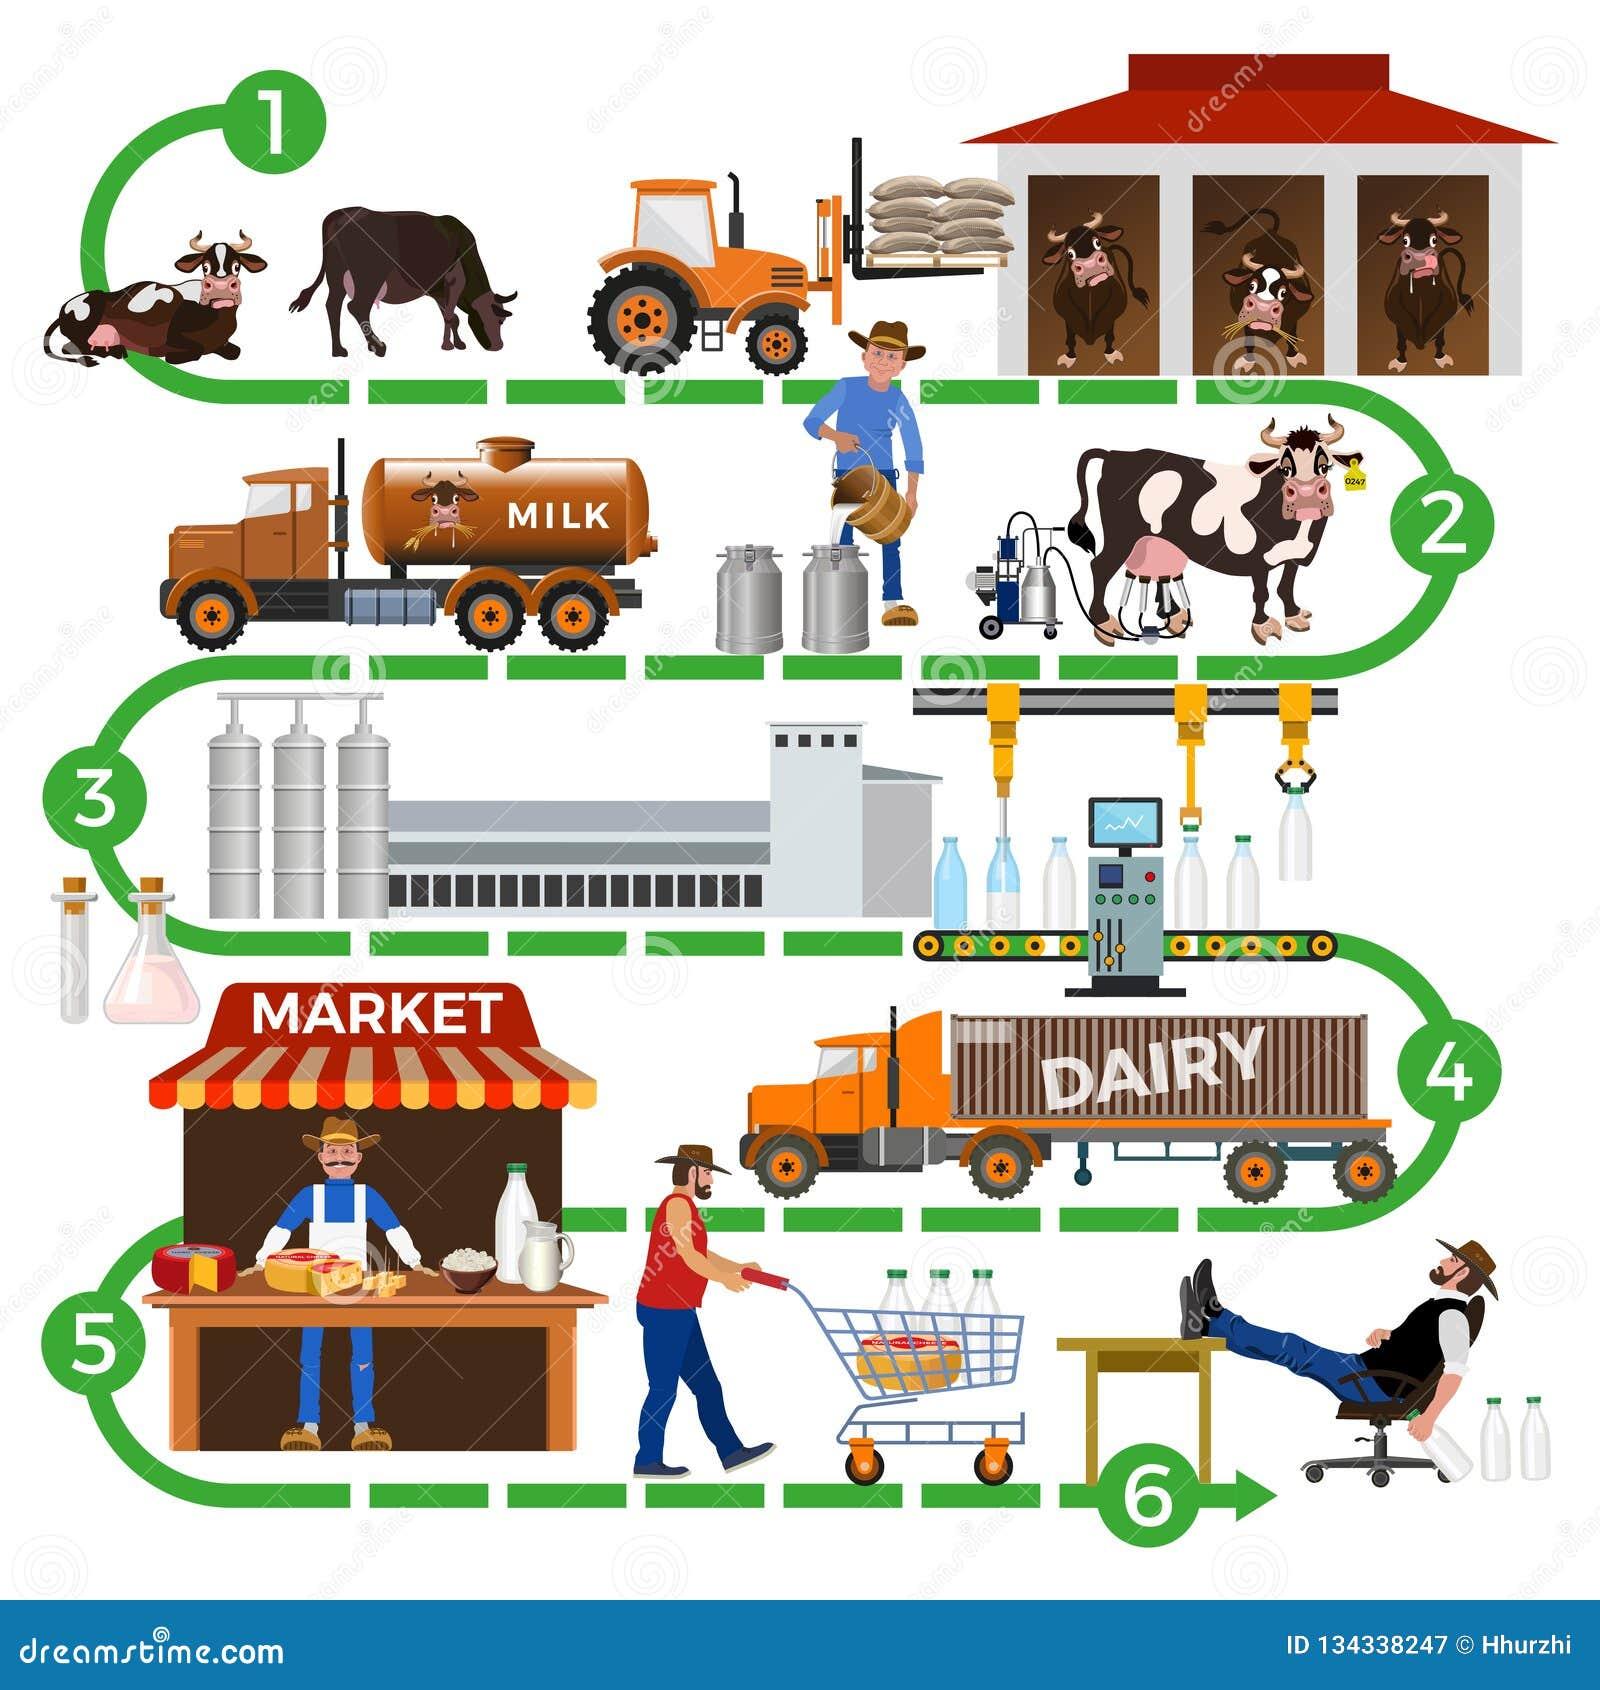 La chaîne d approvisionnements de laiterie